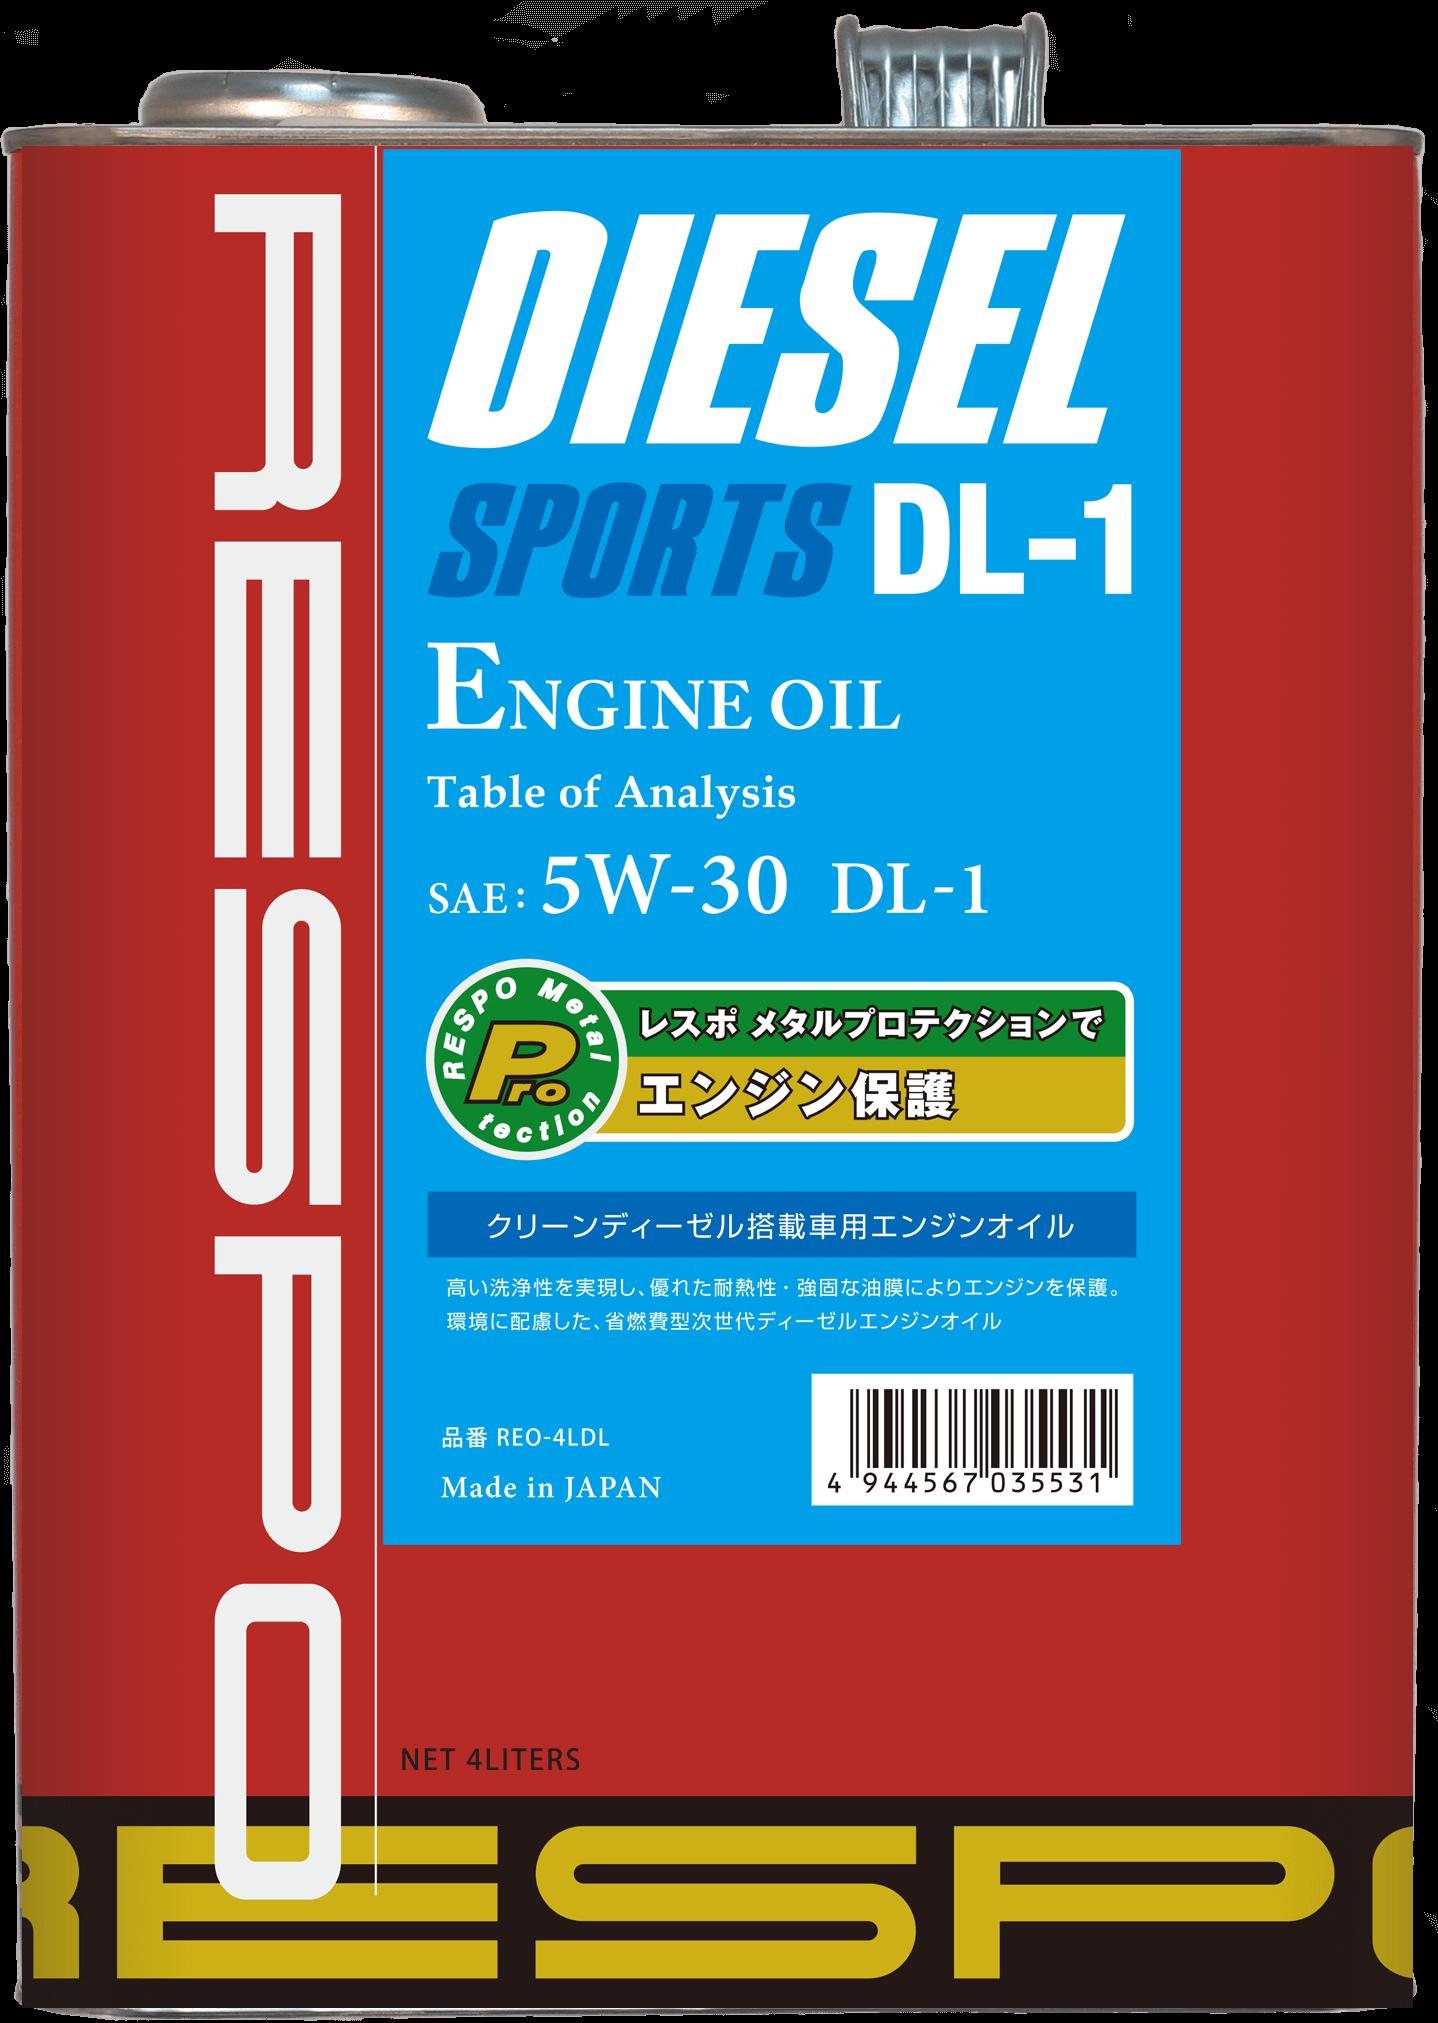 DIESEL SPORTS DL-1